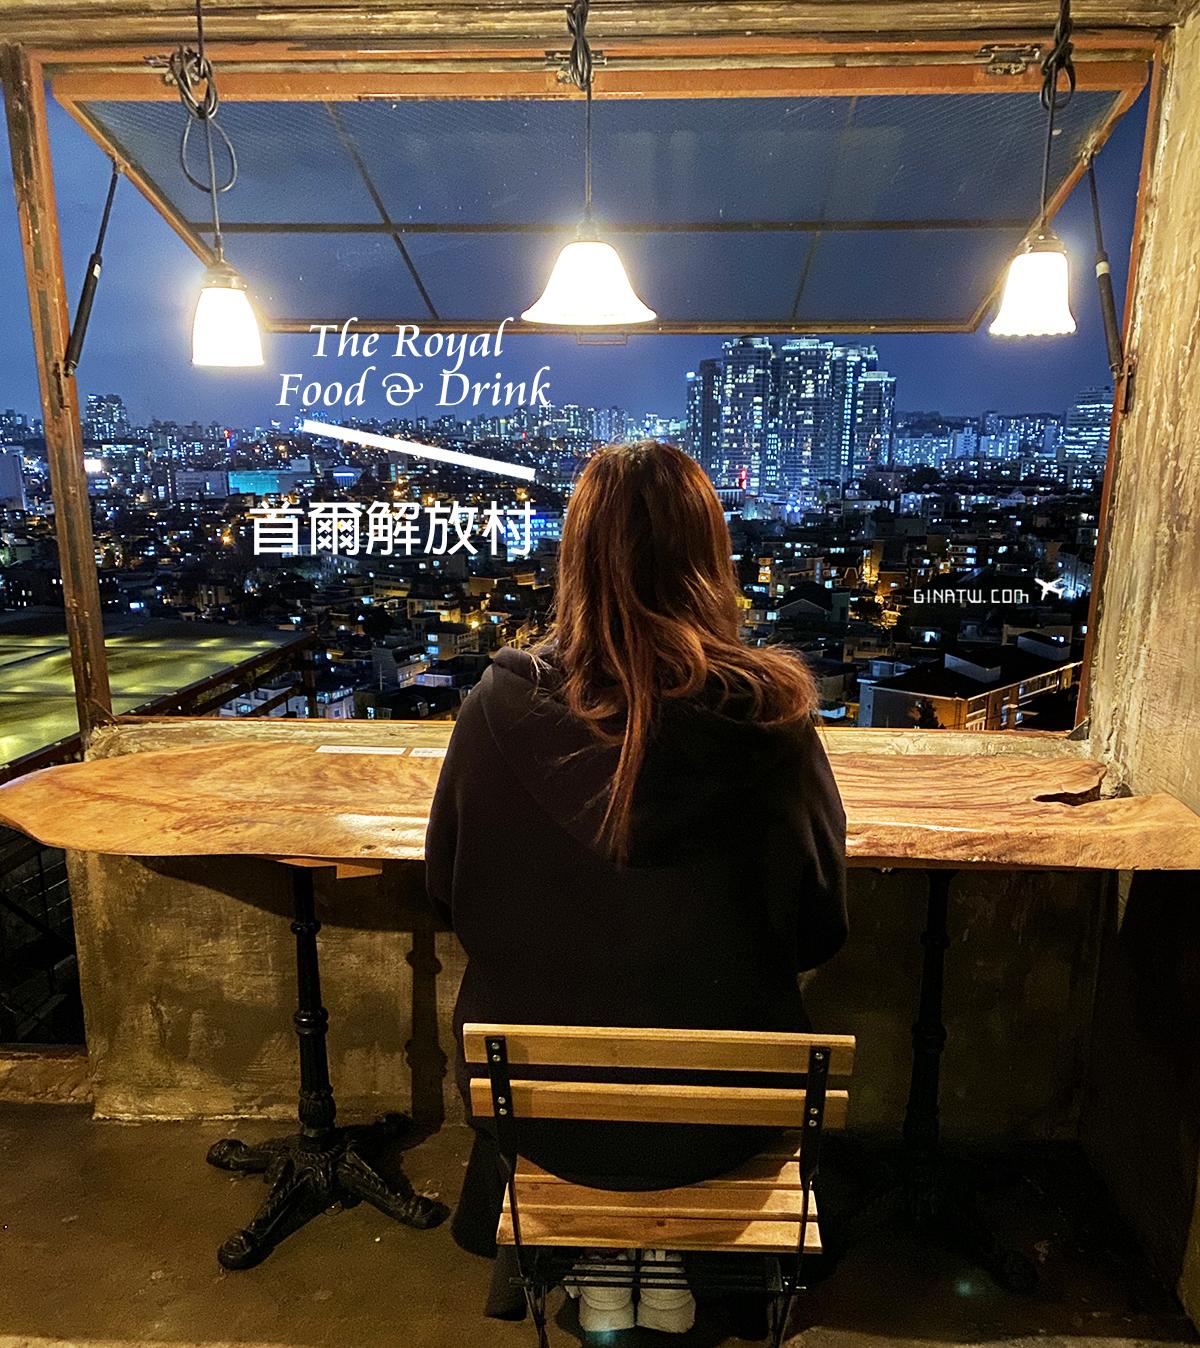 【韓國解放村】THE ROYAL FOOD&DRINK|首爾日夜景觀咖啡廳|早午餐、小酒吧一次滿足附地址|近N首爾塔、南山公園 @GINA環球旅行生活